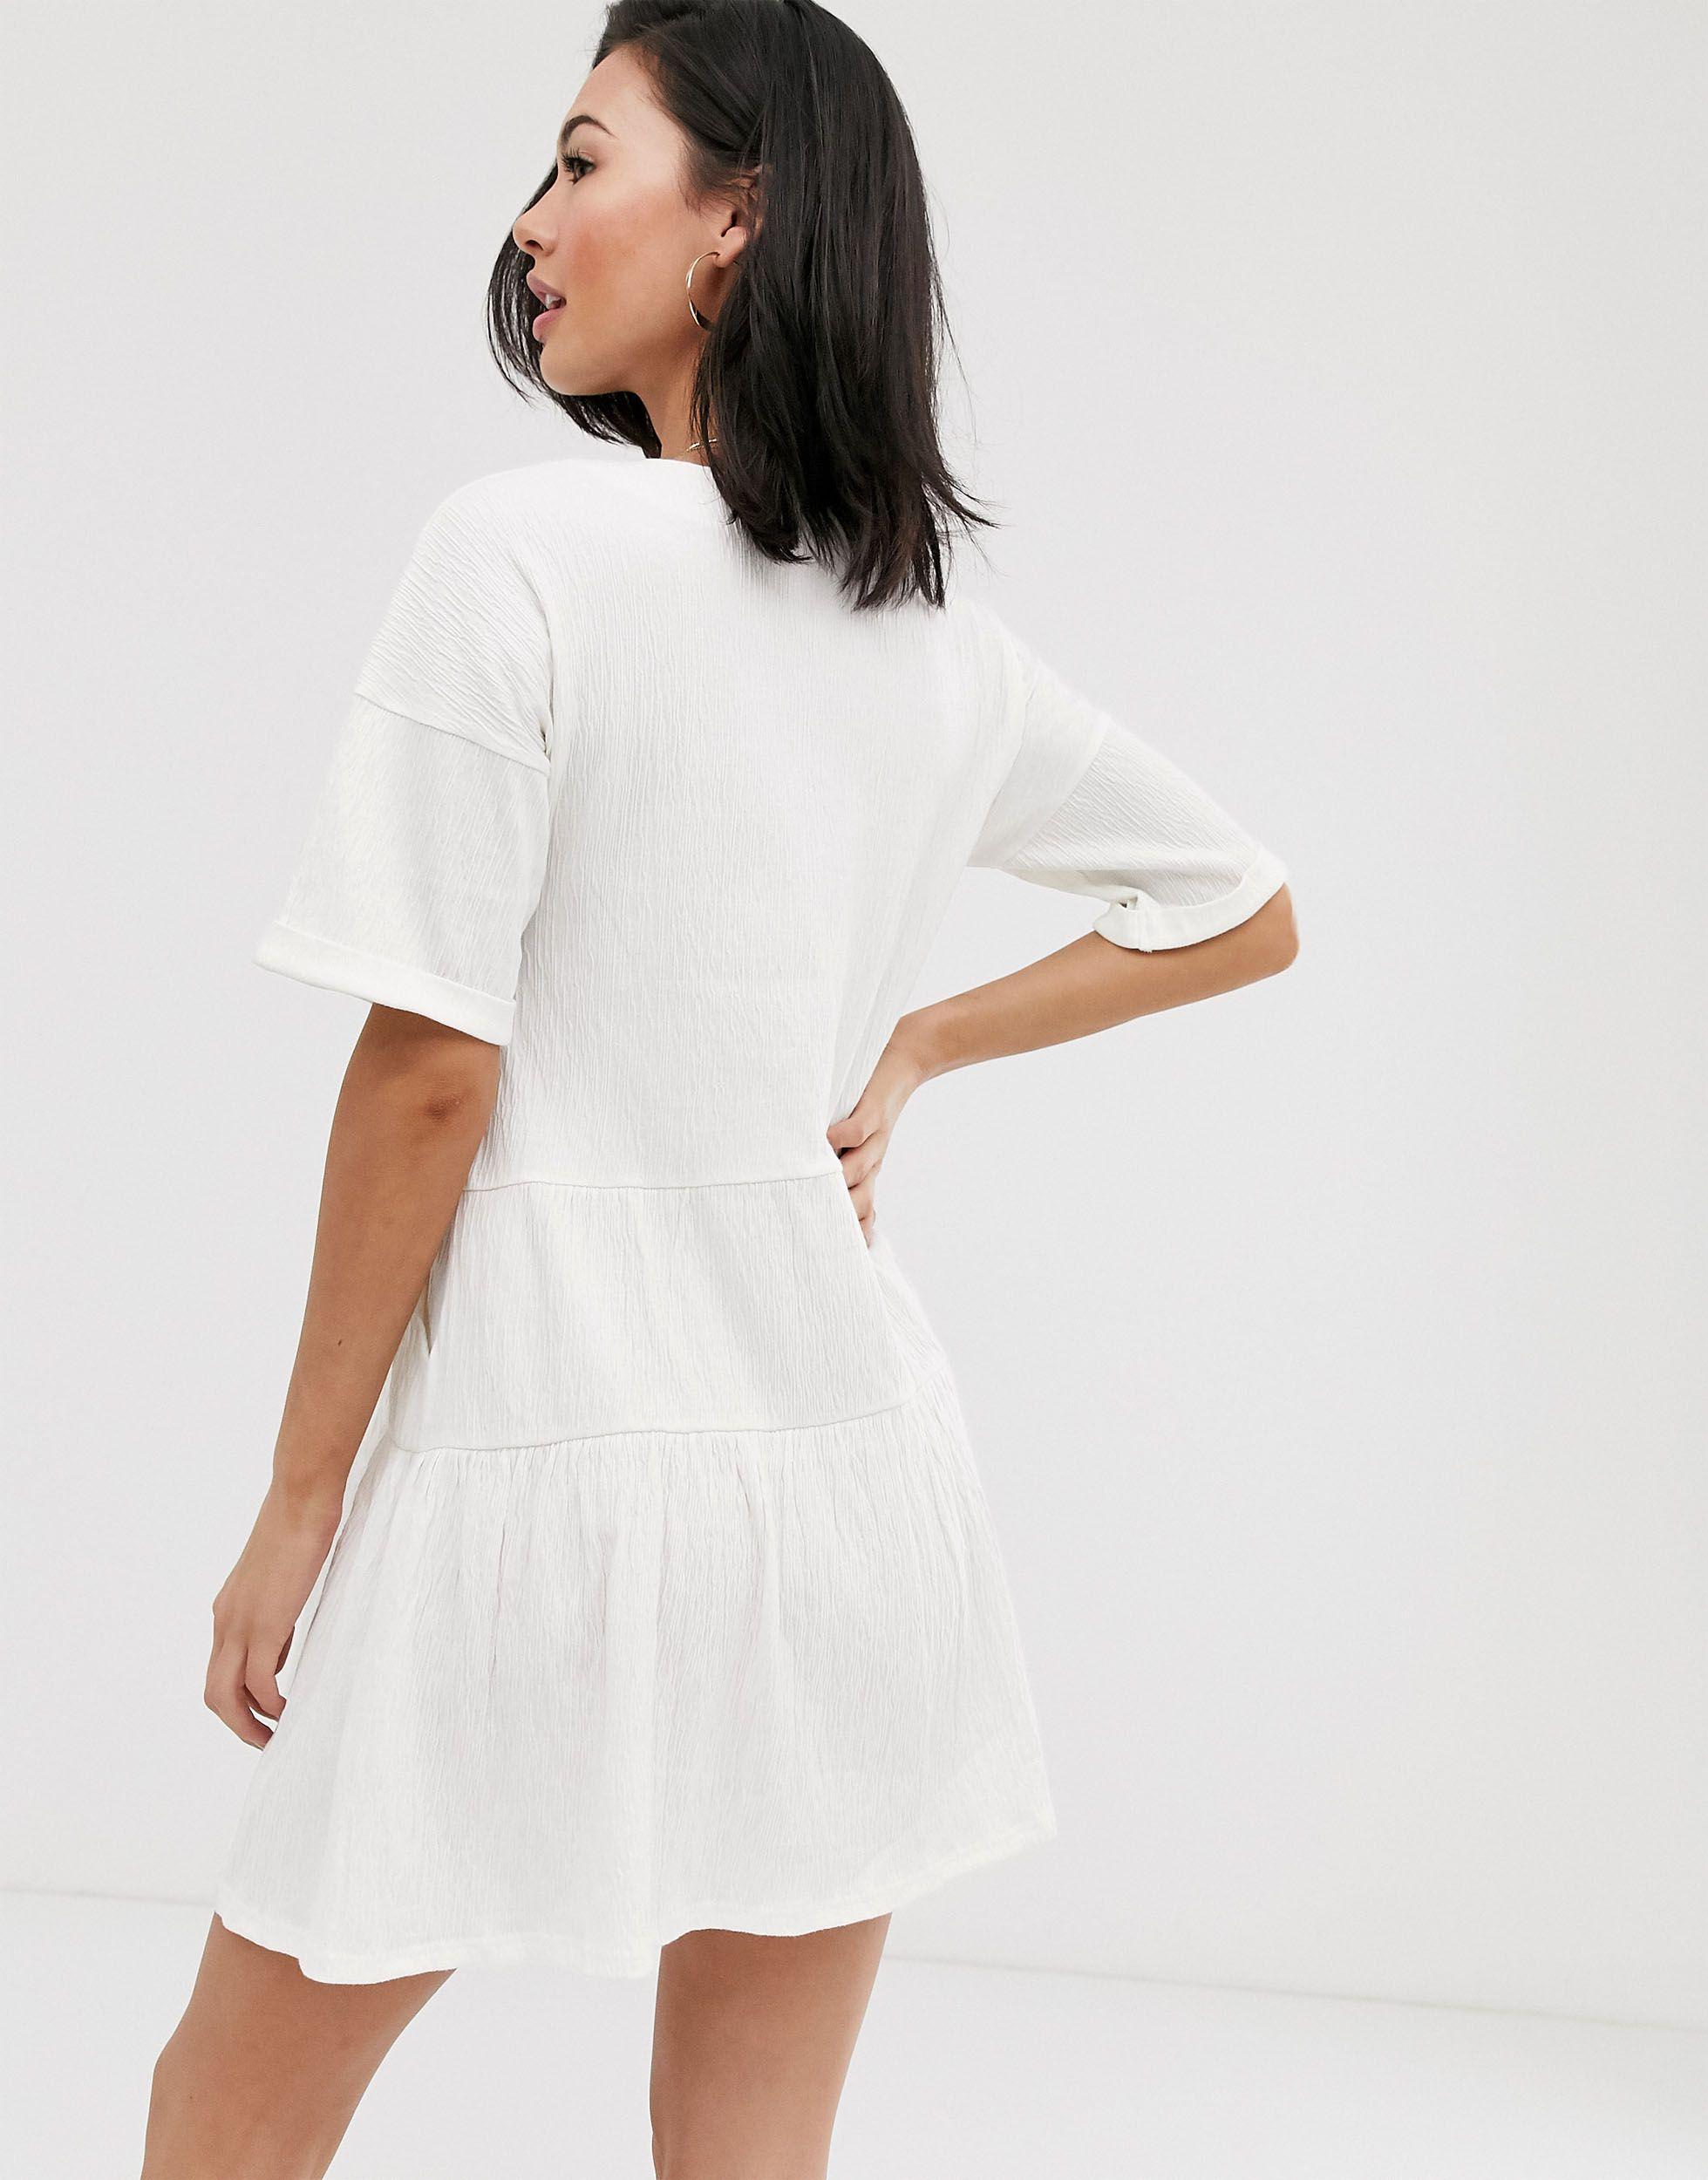 Robe babydoll texturée à boutons avec jupe volantée Coton ASOS en coloris Blanc